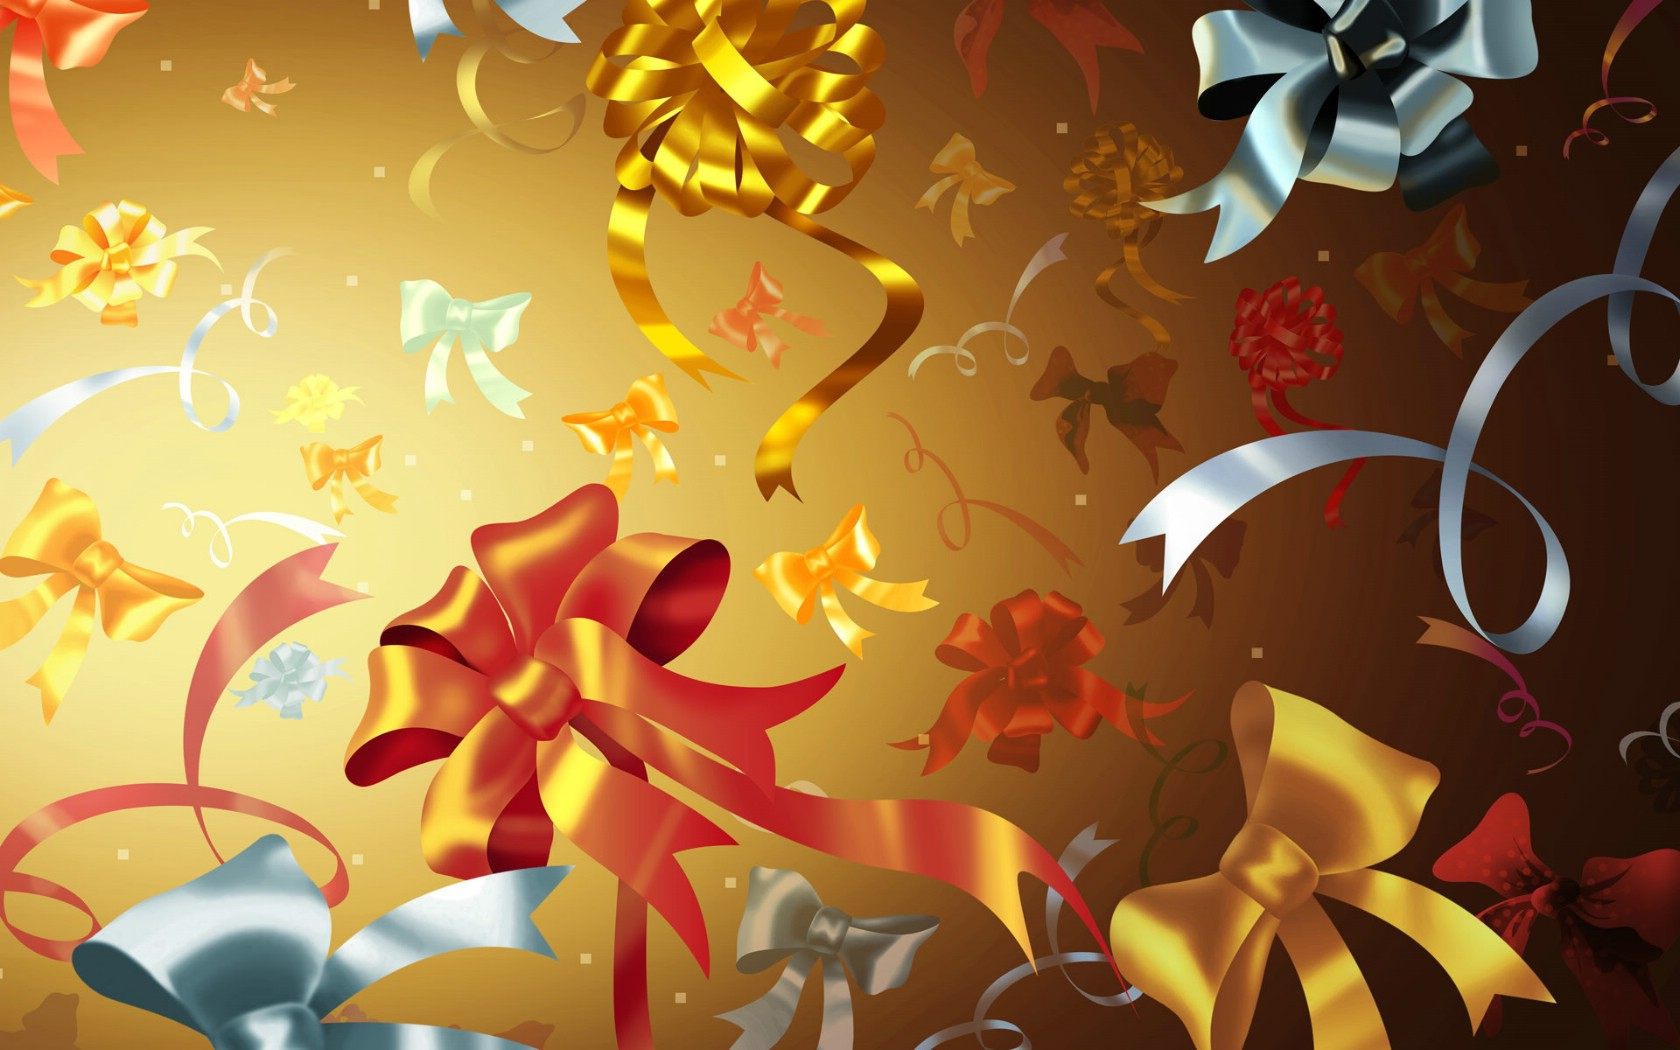 壁纸1680×1050DriftAway漂走系列壁纸 DriftAway漂走系列壁纸图片系统壁纸系统图片素材桌面壁纸